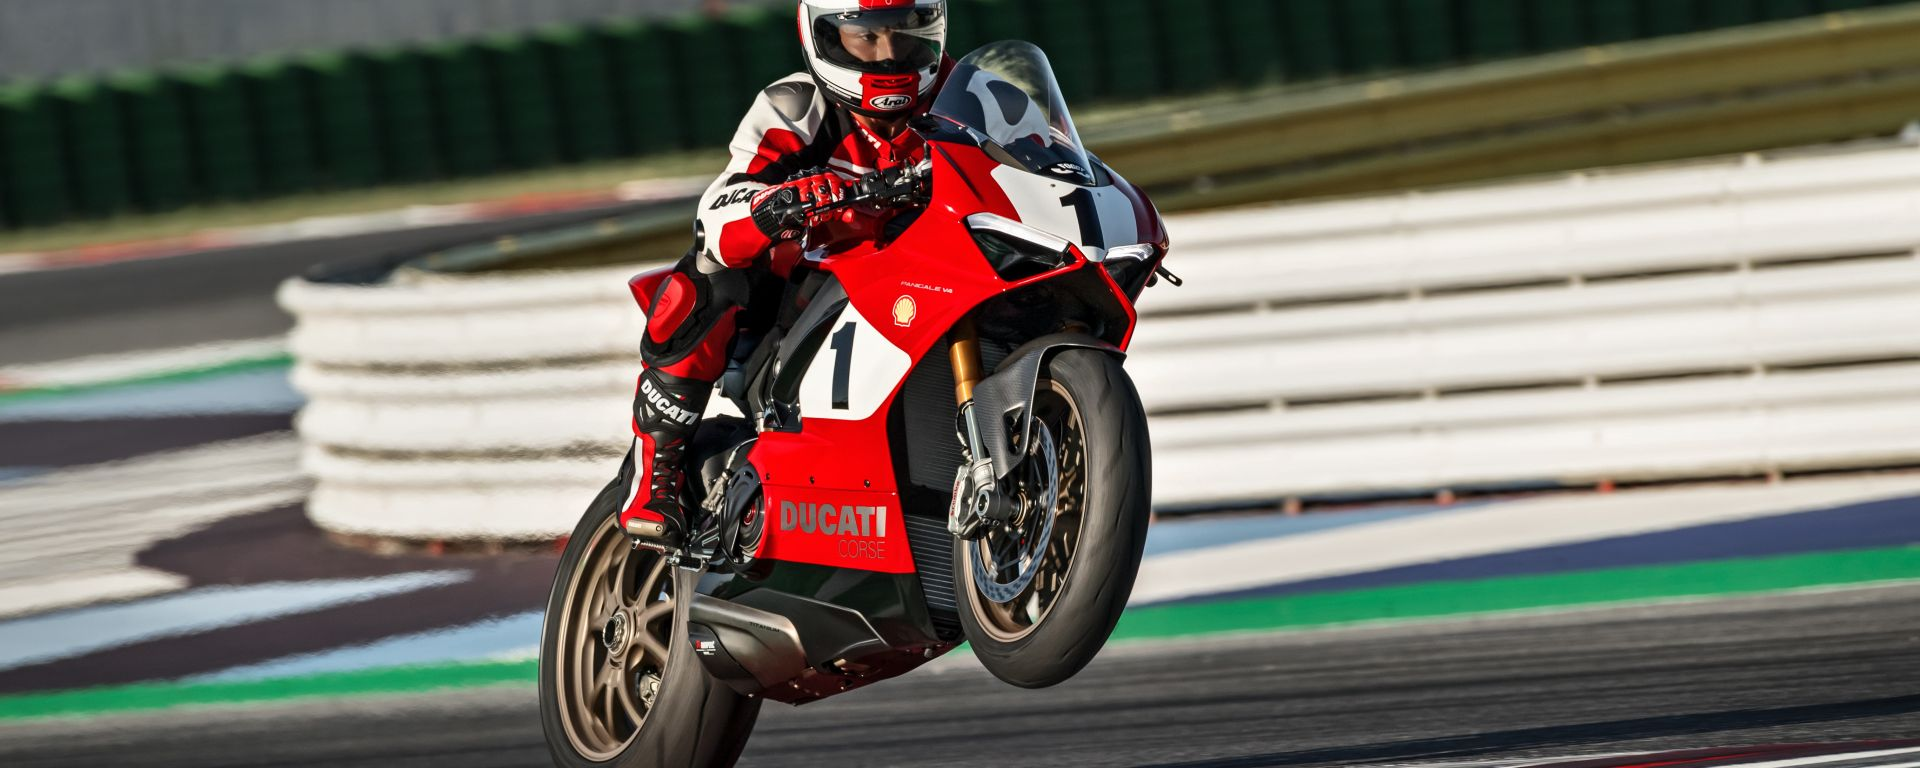 Ducati: all'asta la Panigale V4 25°Anniversario 916